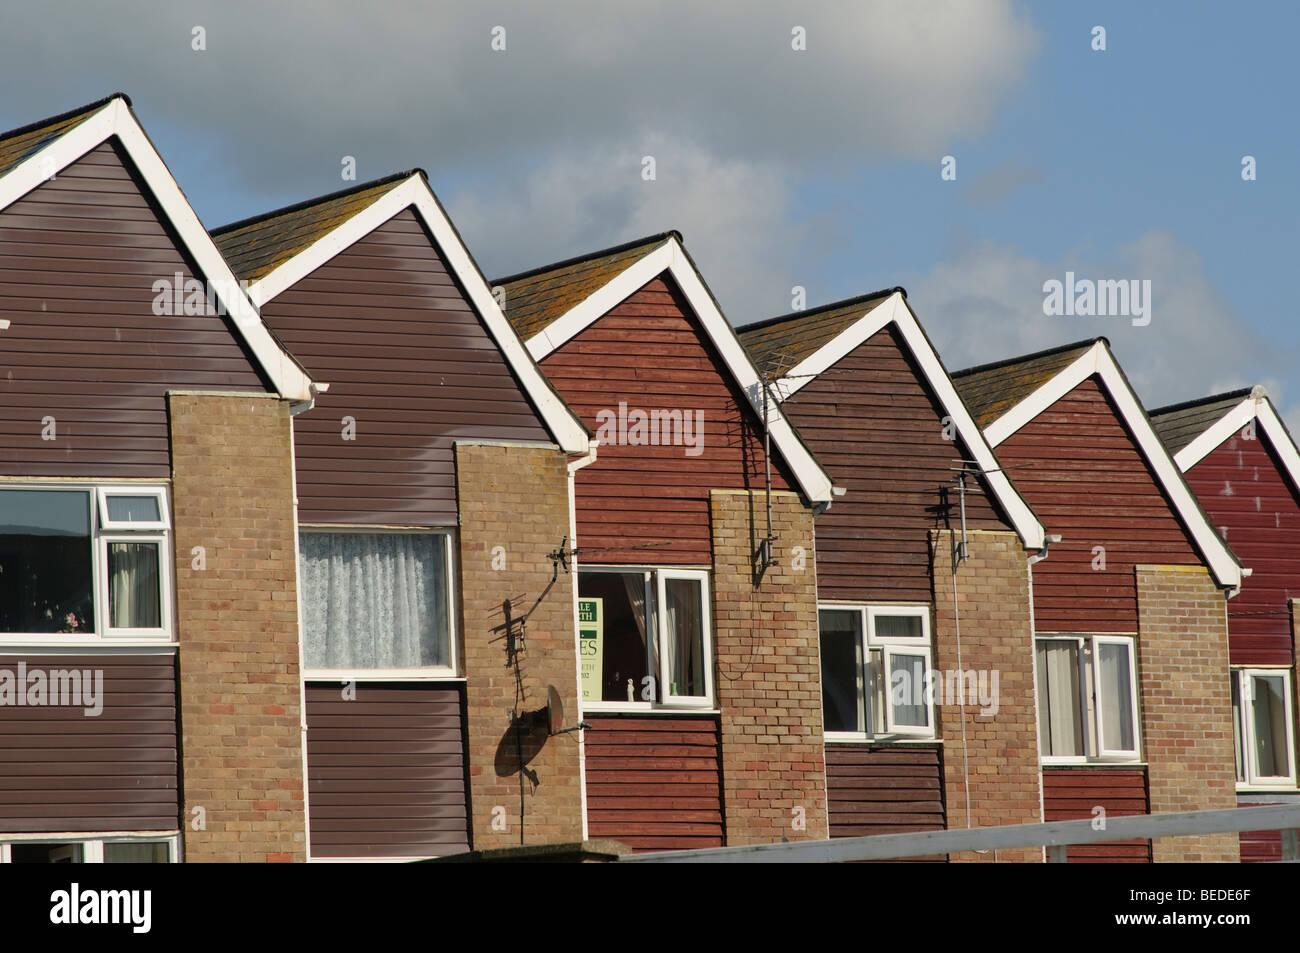 Fila di case identiche costruito negli anni settanta in Tywyn Gwynedd north Wales UK Immagini Stock